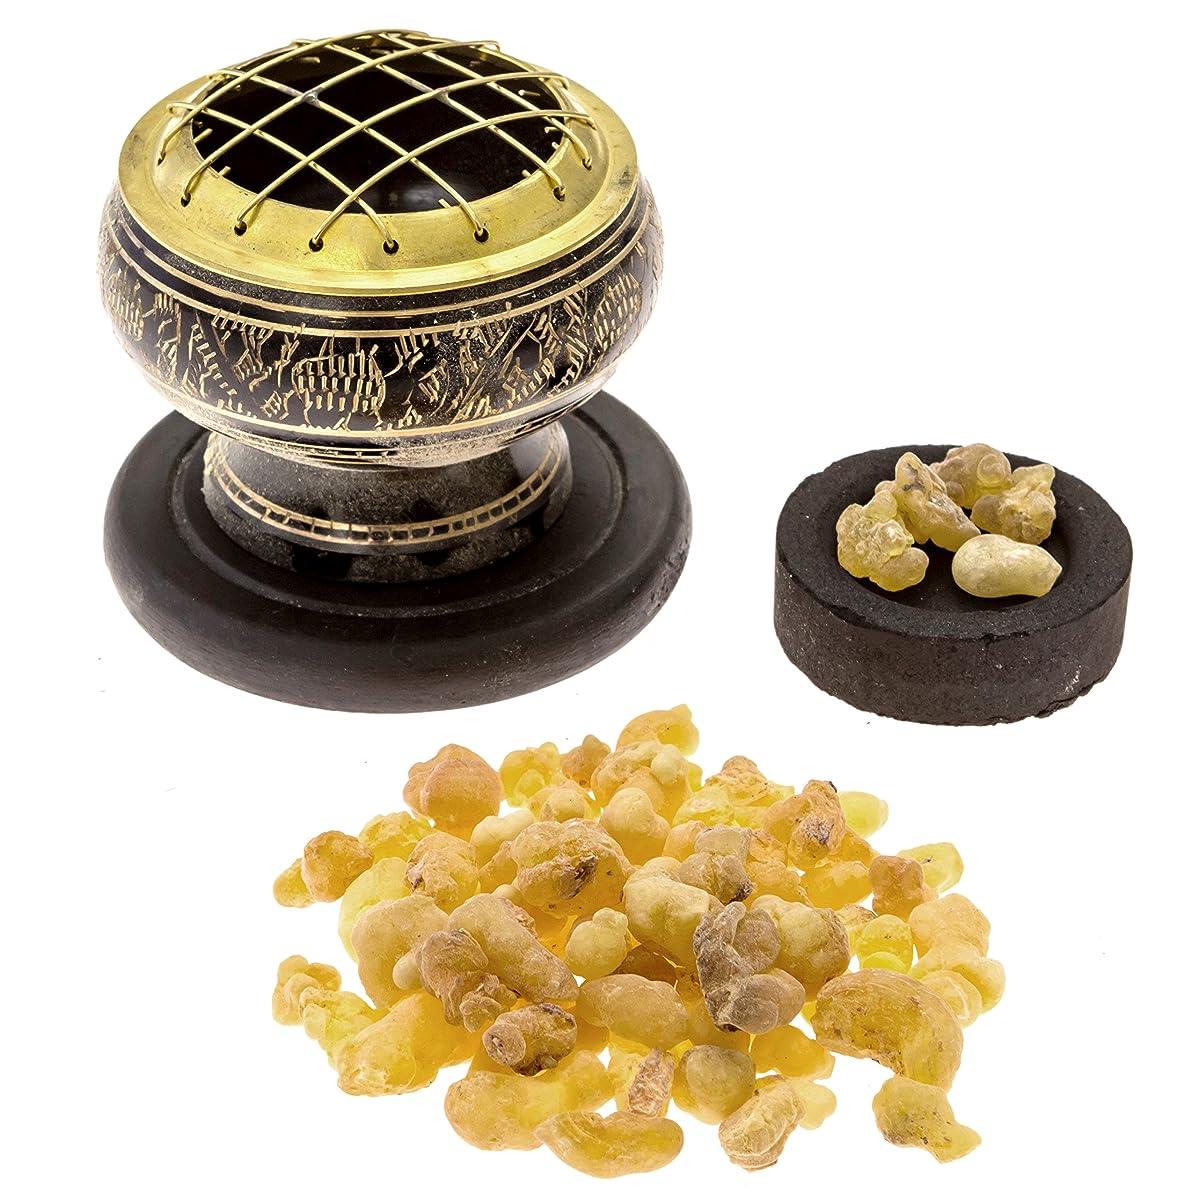 加入アピール肩をすくめるプレミアムFrankincense Burningキット( withチベット香炉または真鍮画面Burner ) (真鍮Burner )